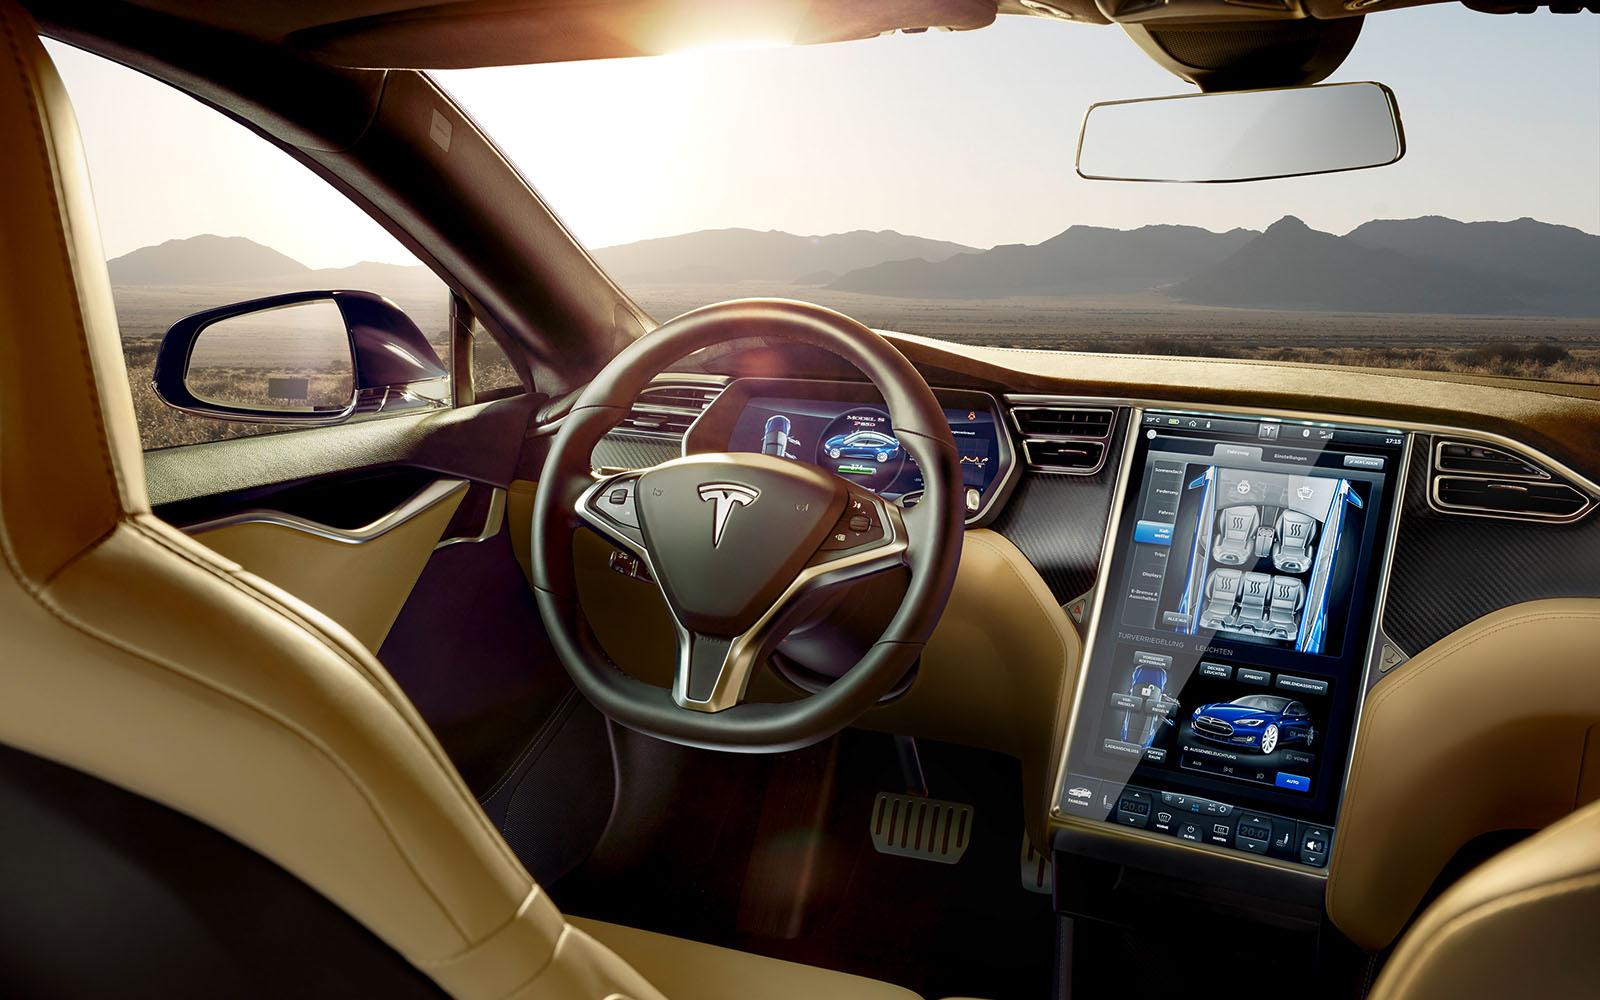 Илон Маск дал понять владельцам электрокаров Tesla, что в будущем они смогут самостоятельно выбирать сигнал клаксона и звук машины при движении. В «аудиокаталоге» появятся различные варианты «пуков» и даже блеяние козы.